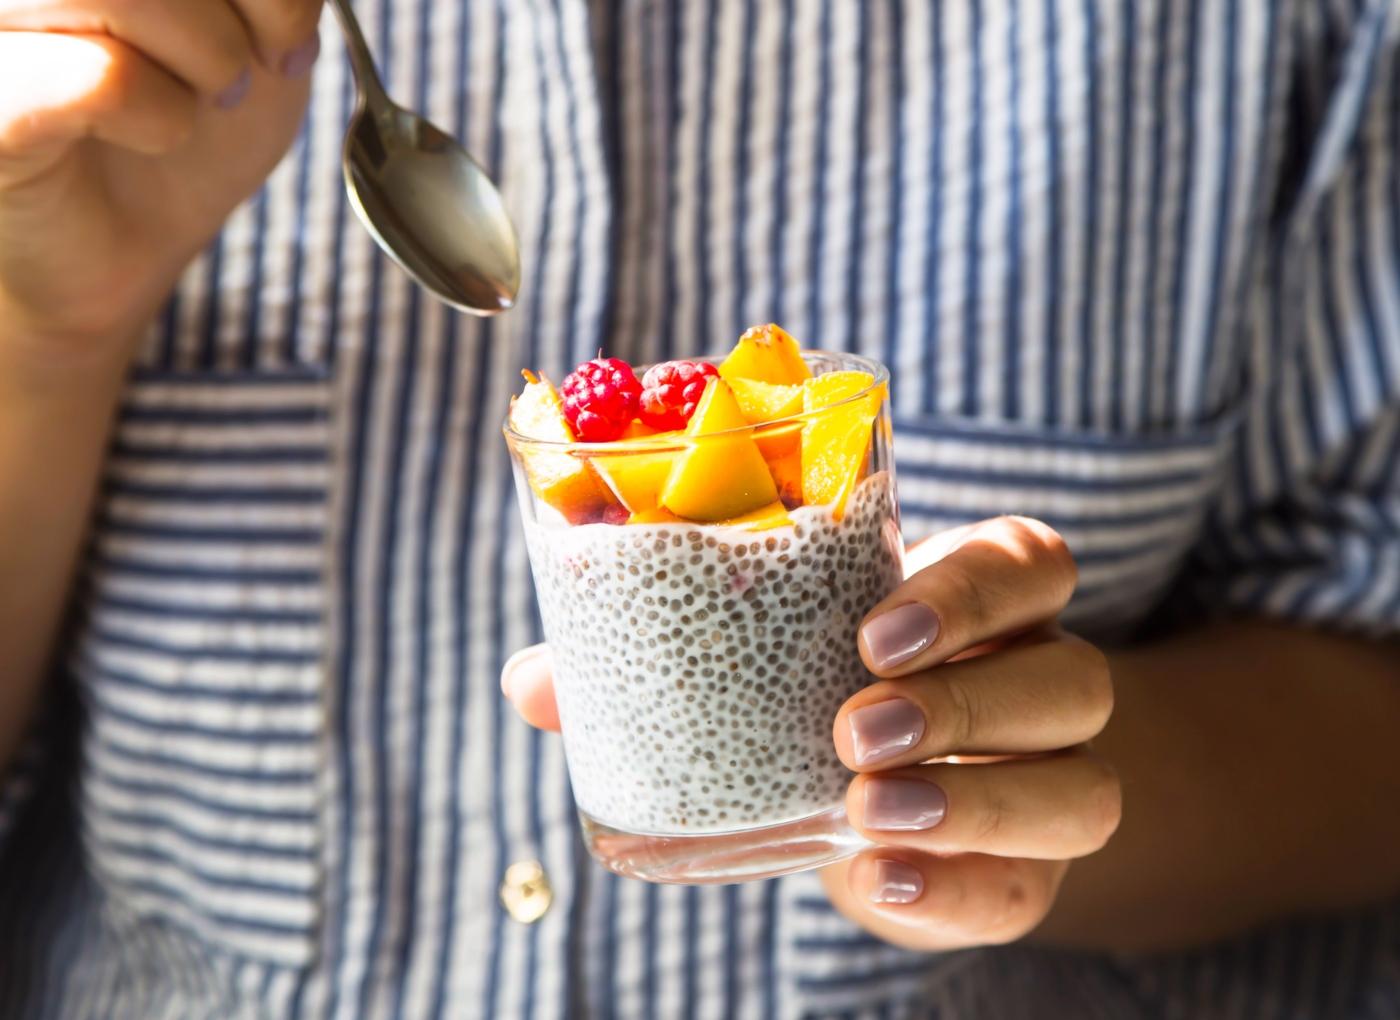 dieta para secar: hábitos diários